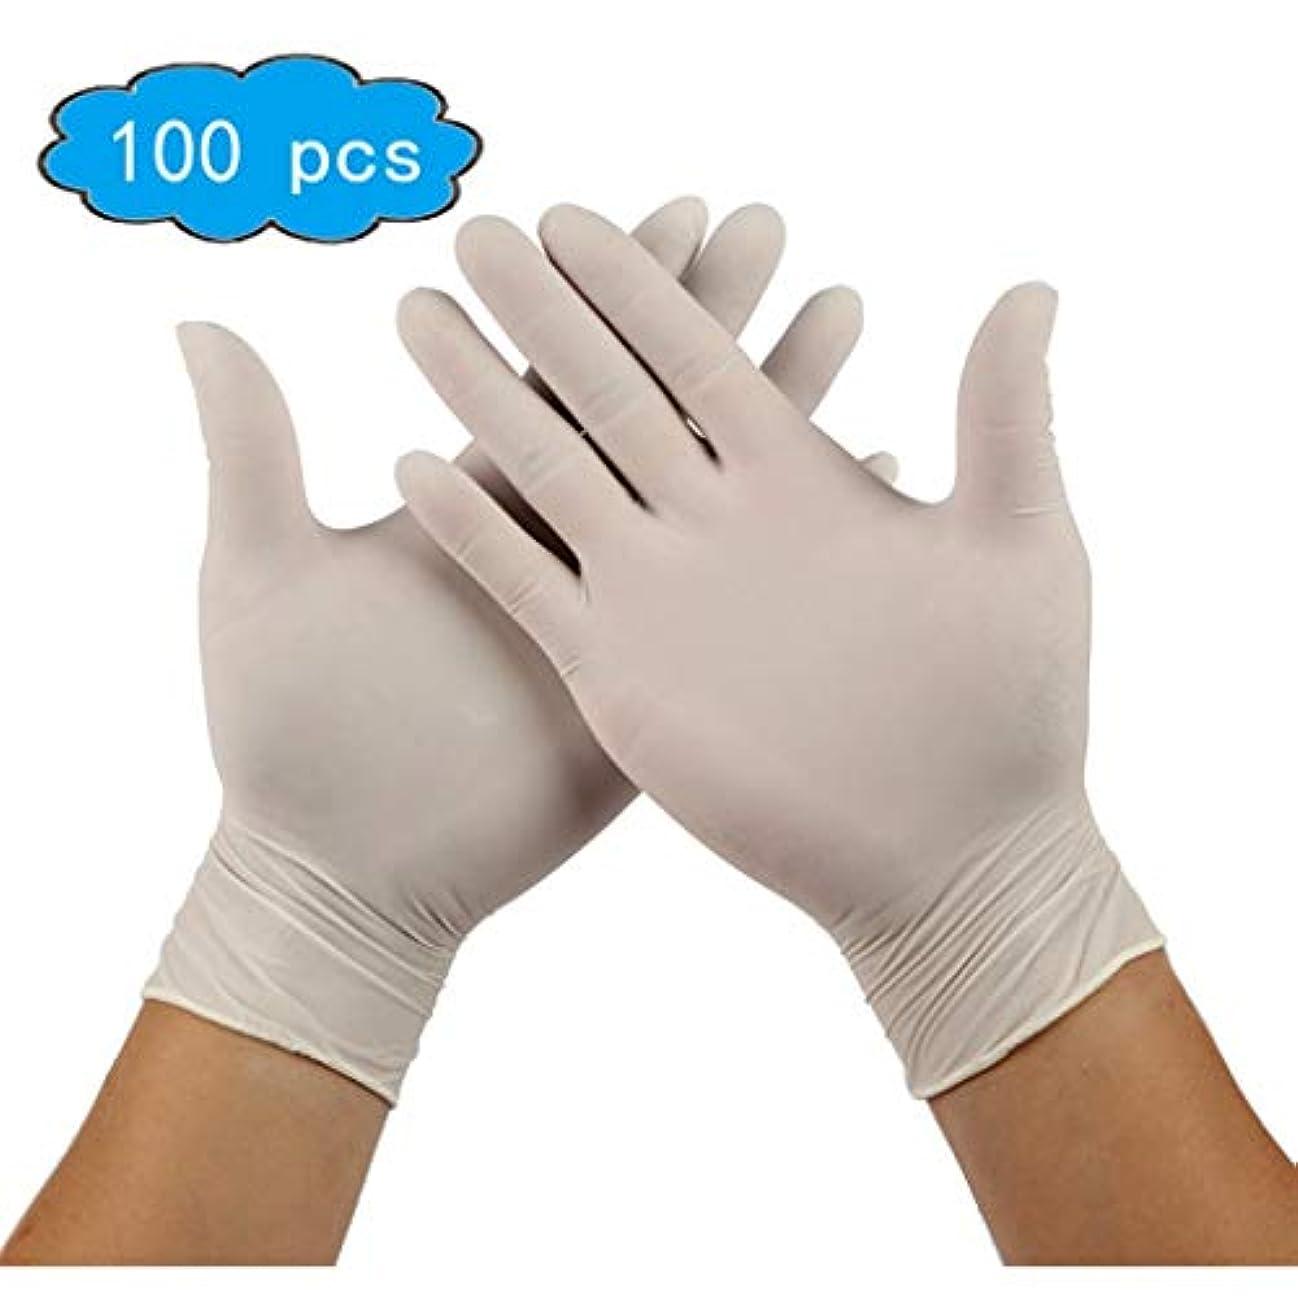 体現する無傷拳100 XS-XLサイズの使い捨てラテックス手袋、パウダーフリー、スムースタッチ、食品サービスグレード、使い捨て手袋食品 (Color : White, Size : L)